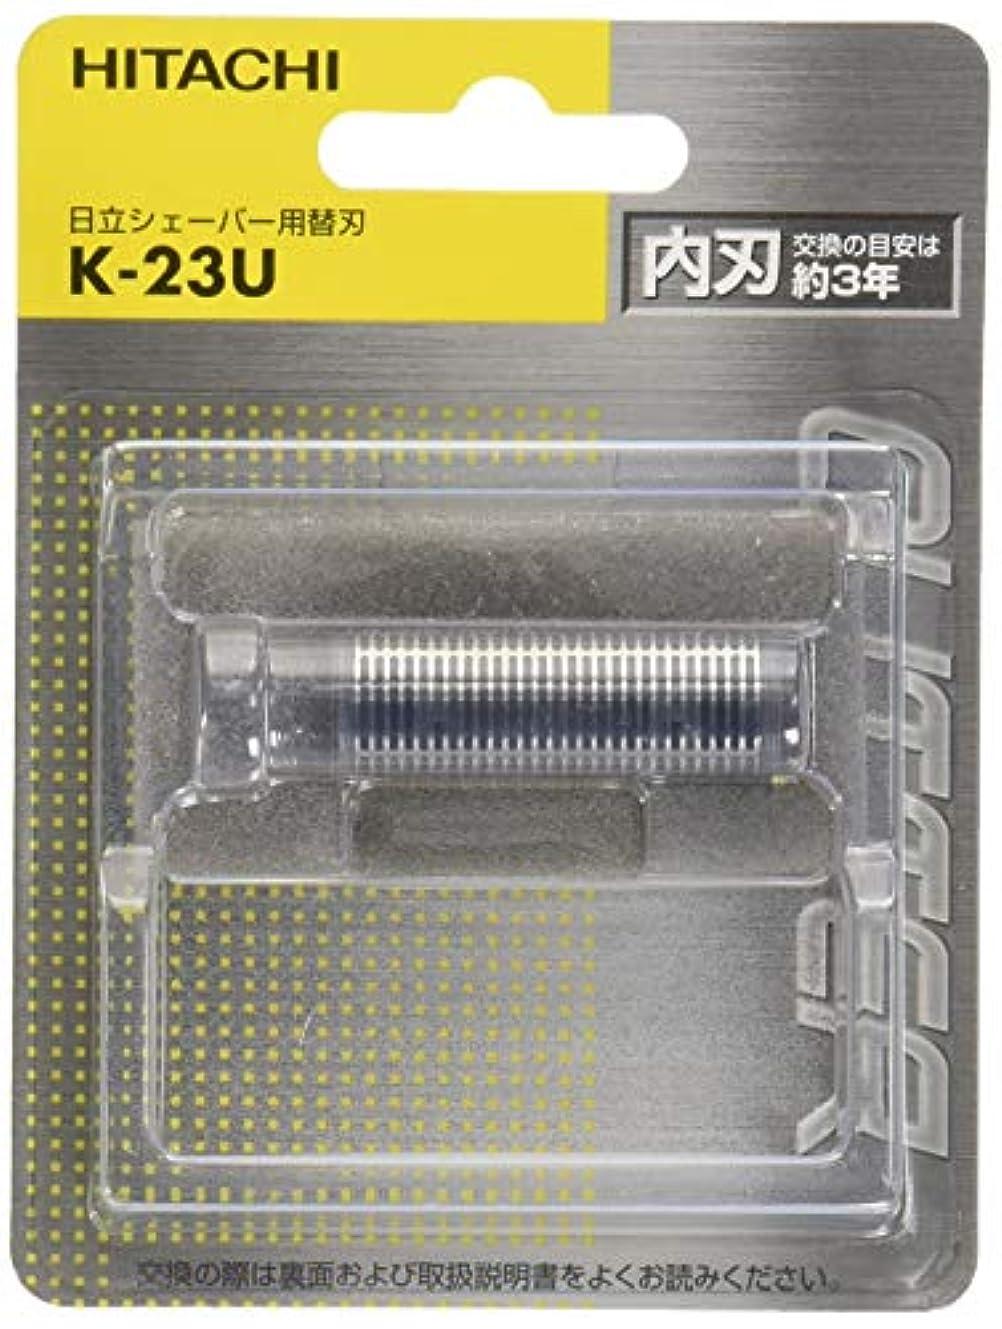 エンゲージメントいたずらな変える日立 メンズシェーバー用替刃(内刃) K-23U